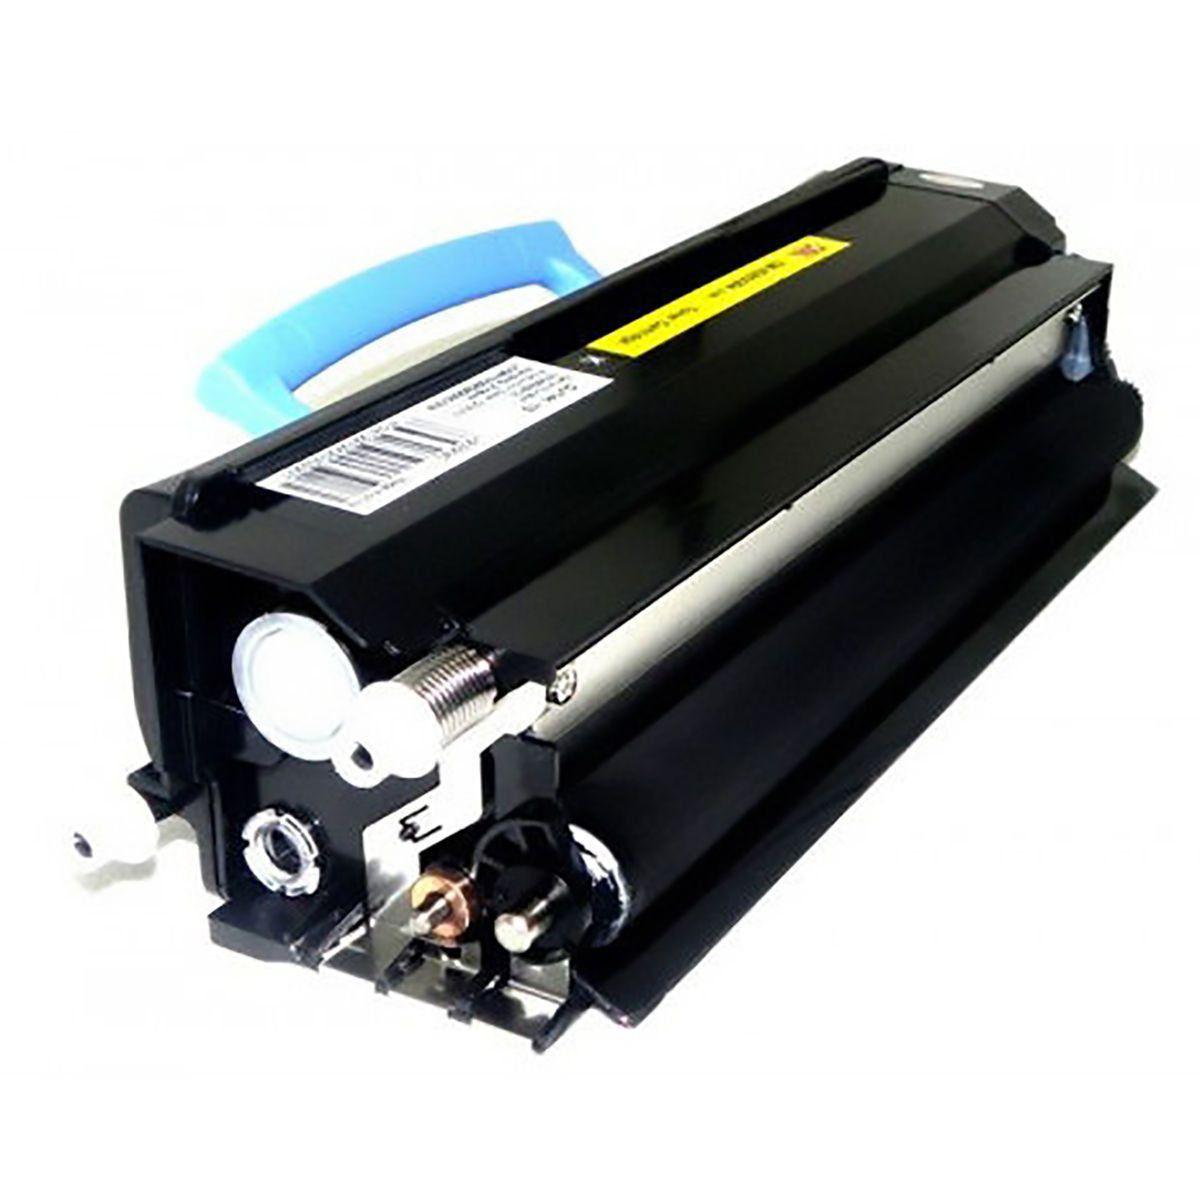 Compatível: Toner E230 para Lexmark Optra E230 E240 E330 E340 E342 E232 E332 E332n E238 E332tn E-230 / Preto / 2.500